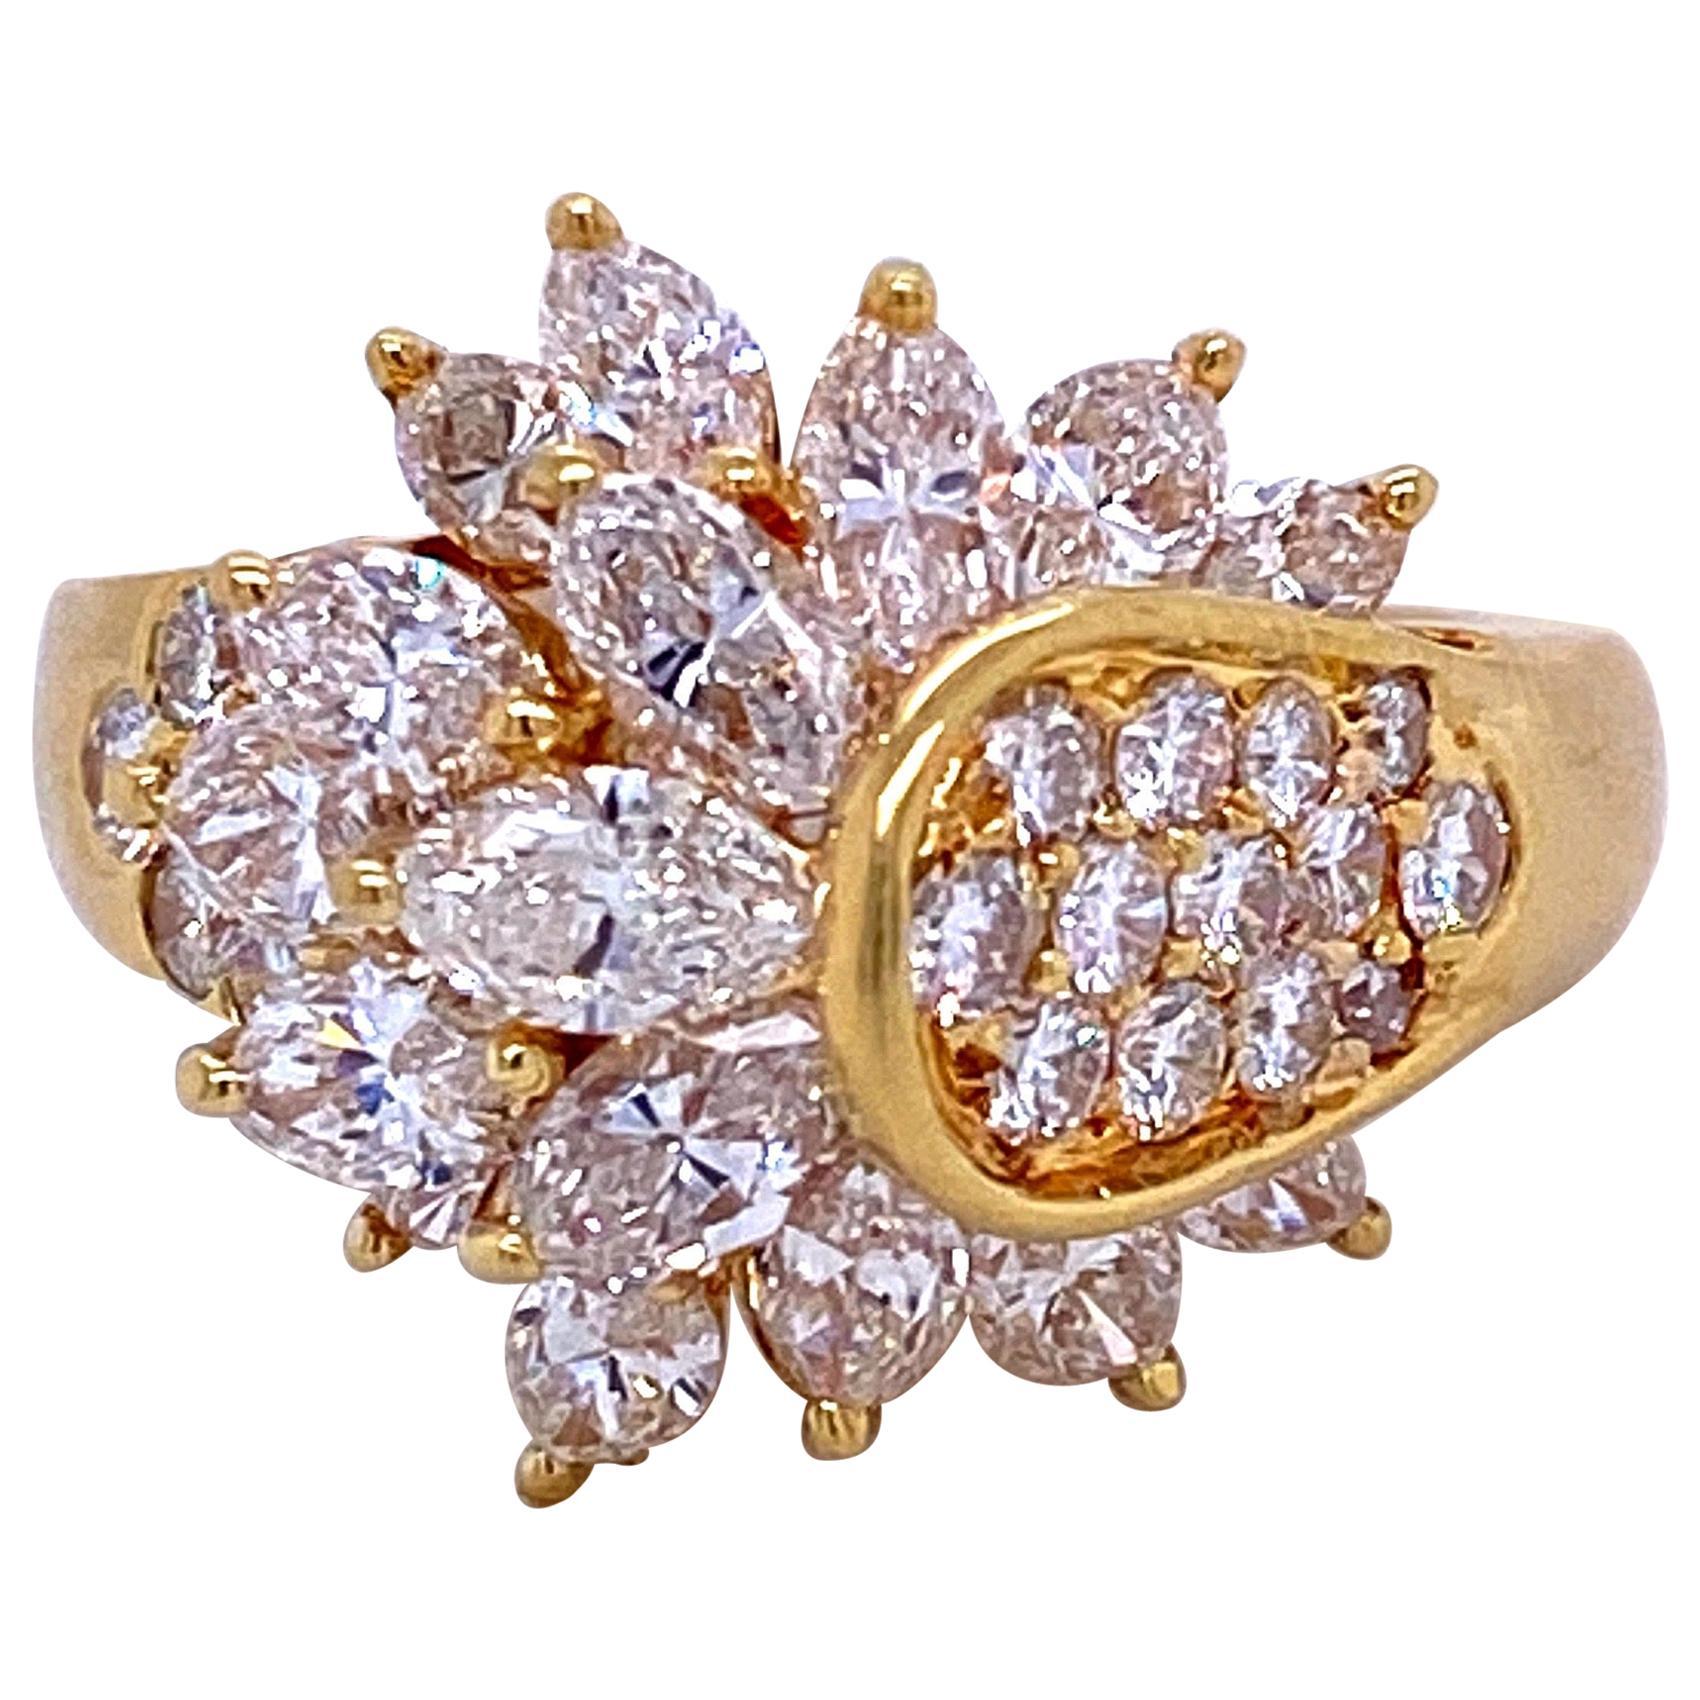 Diamond Cluster Cocktail Ring 3.14 Carat 18 Karat Yellow Gold